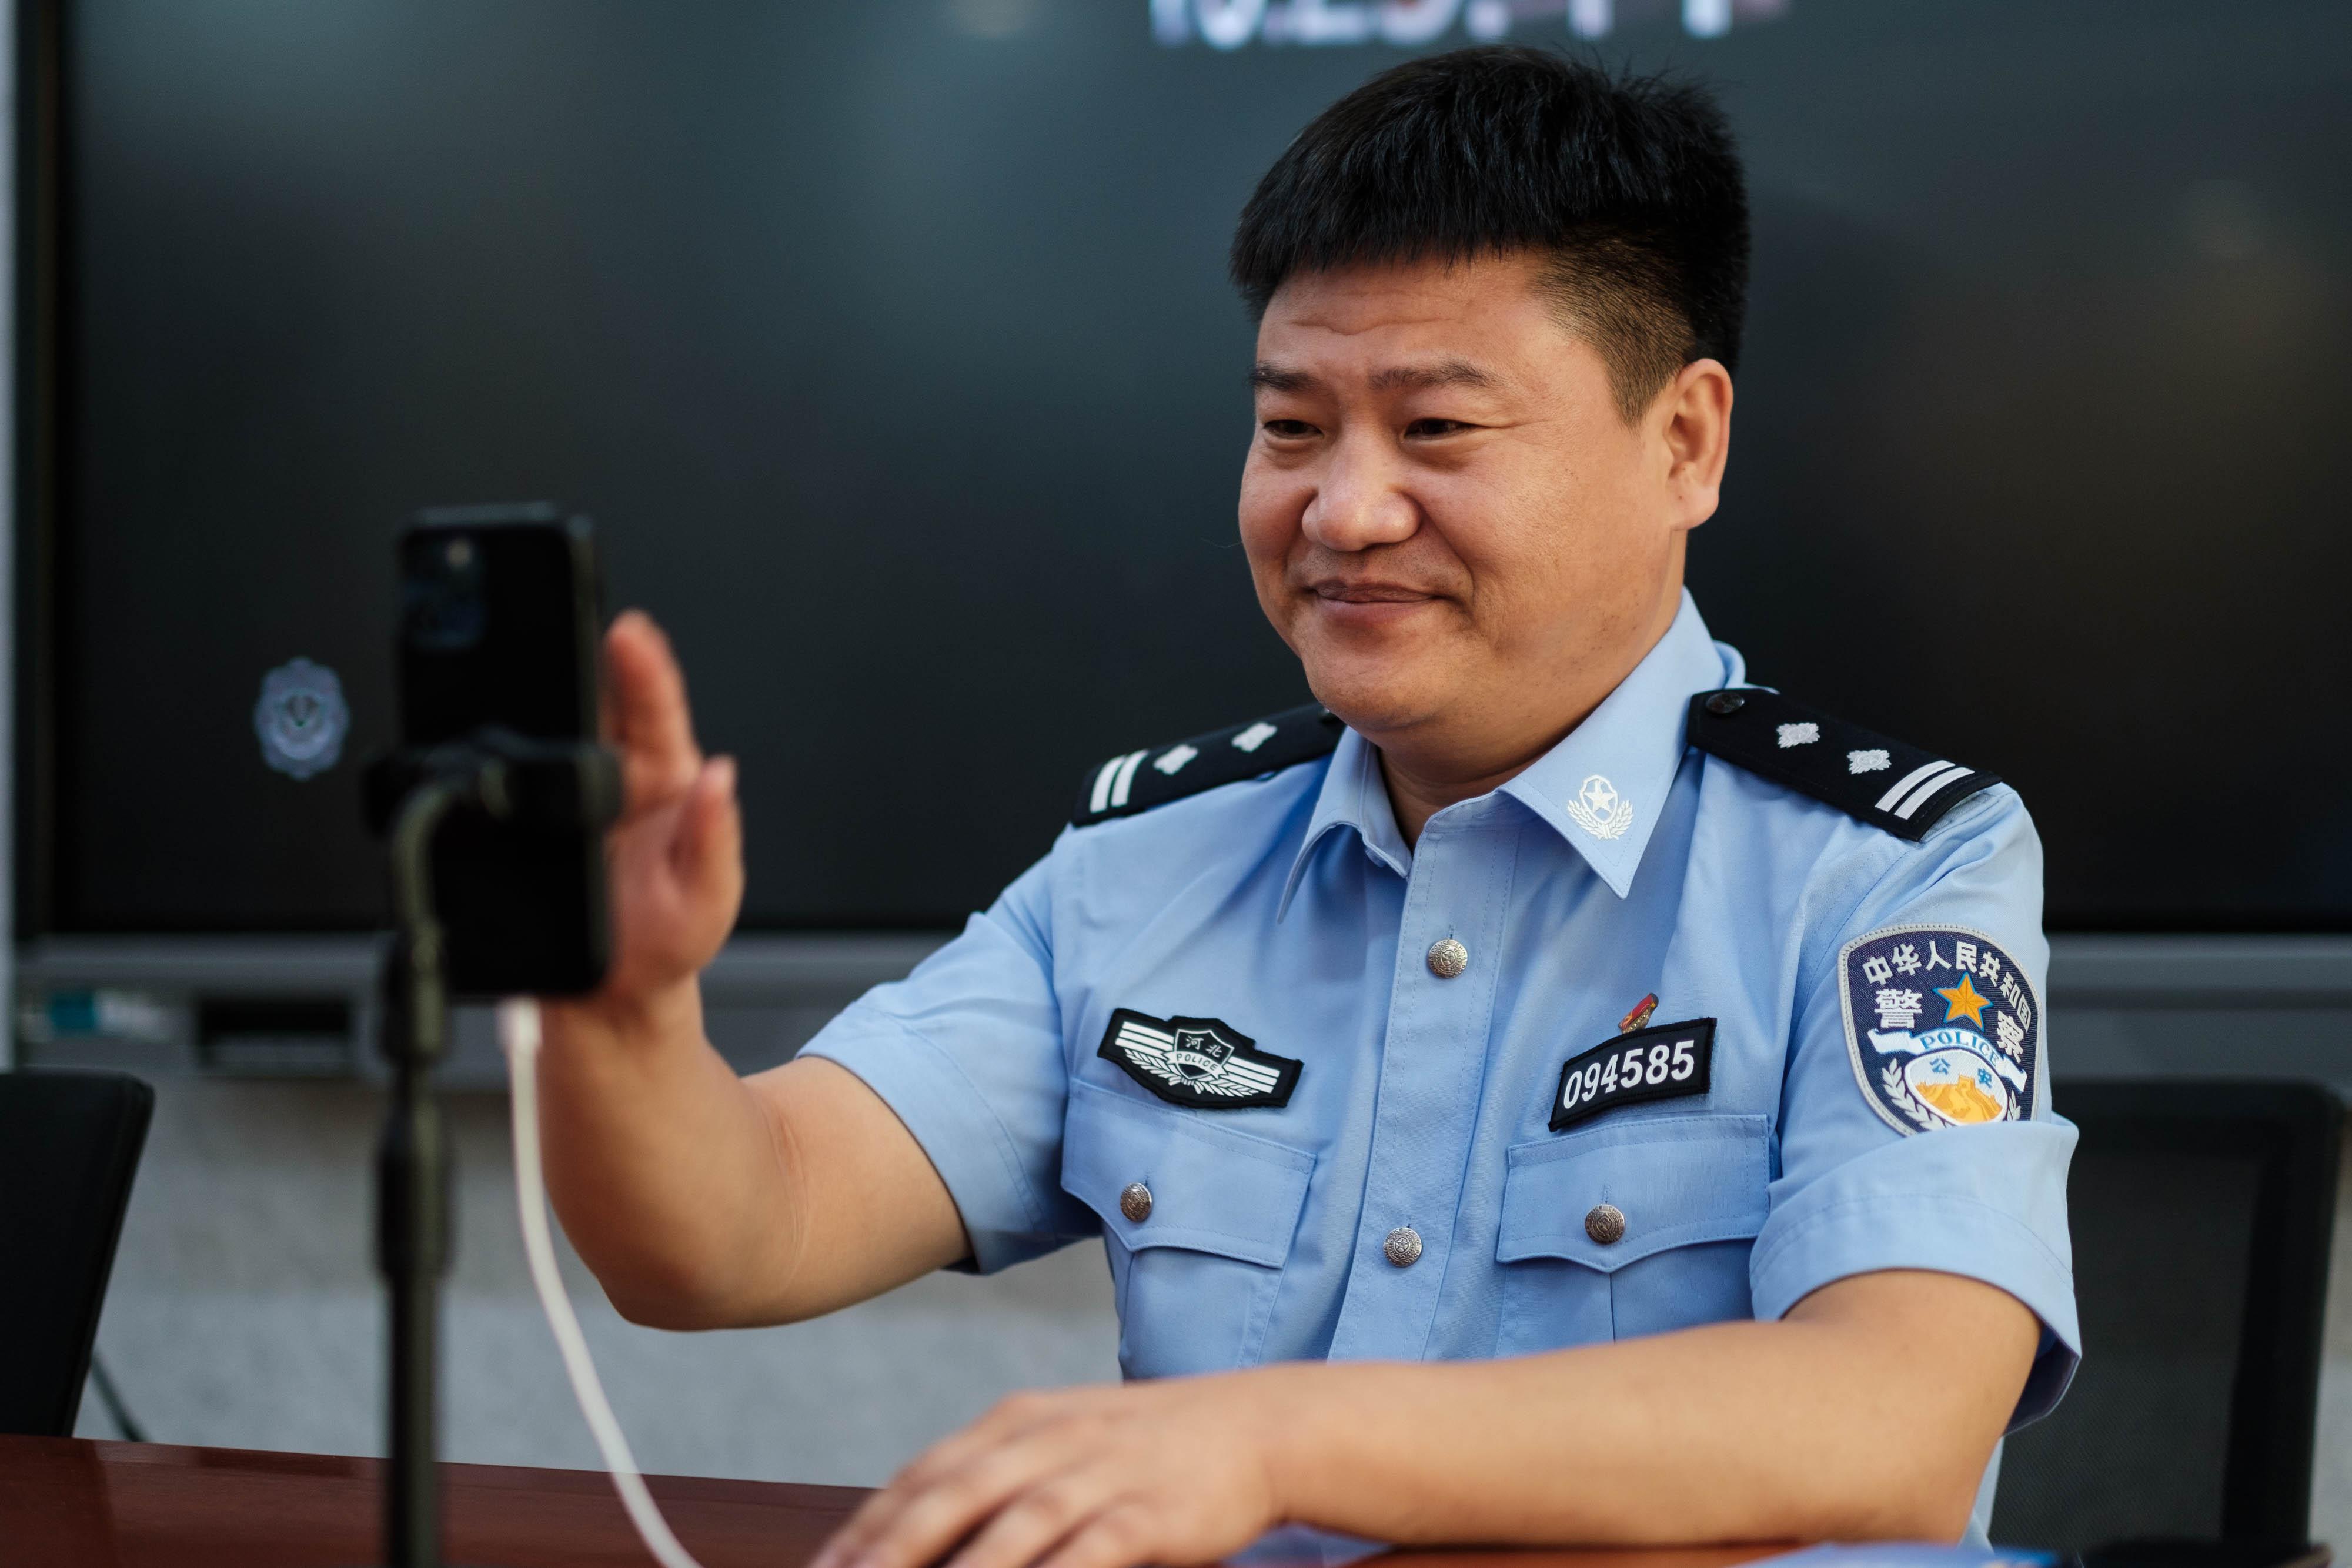 """新闻8点见丨""""反诈老陈""""出圈爆火 被人质疑是假警察"""